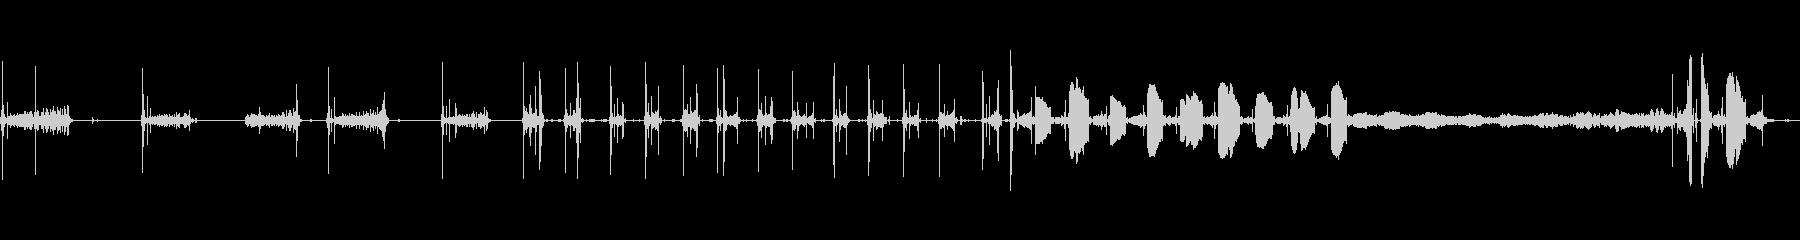 通信スキャナーのスキャン周波数が低...の未再生の波形